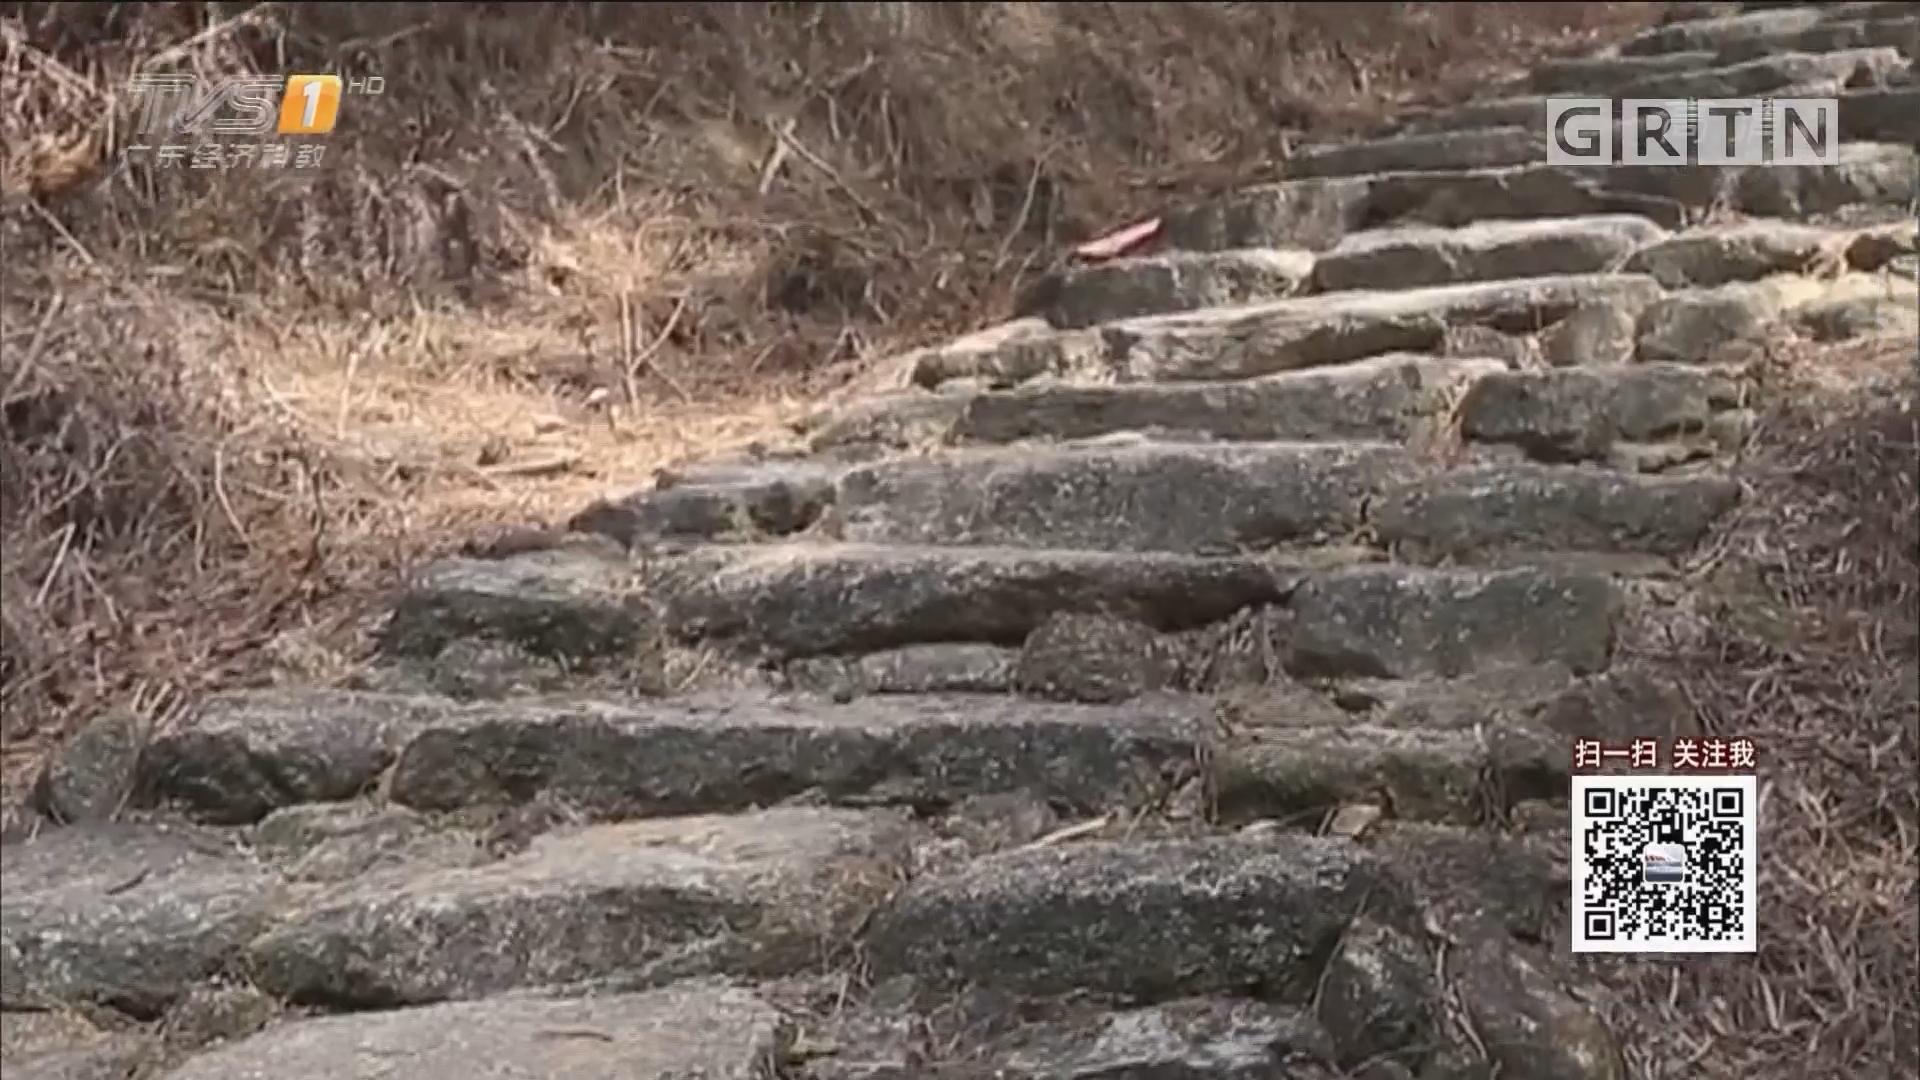 好消息!广东新发现135条古驿道 假期又有好去处